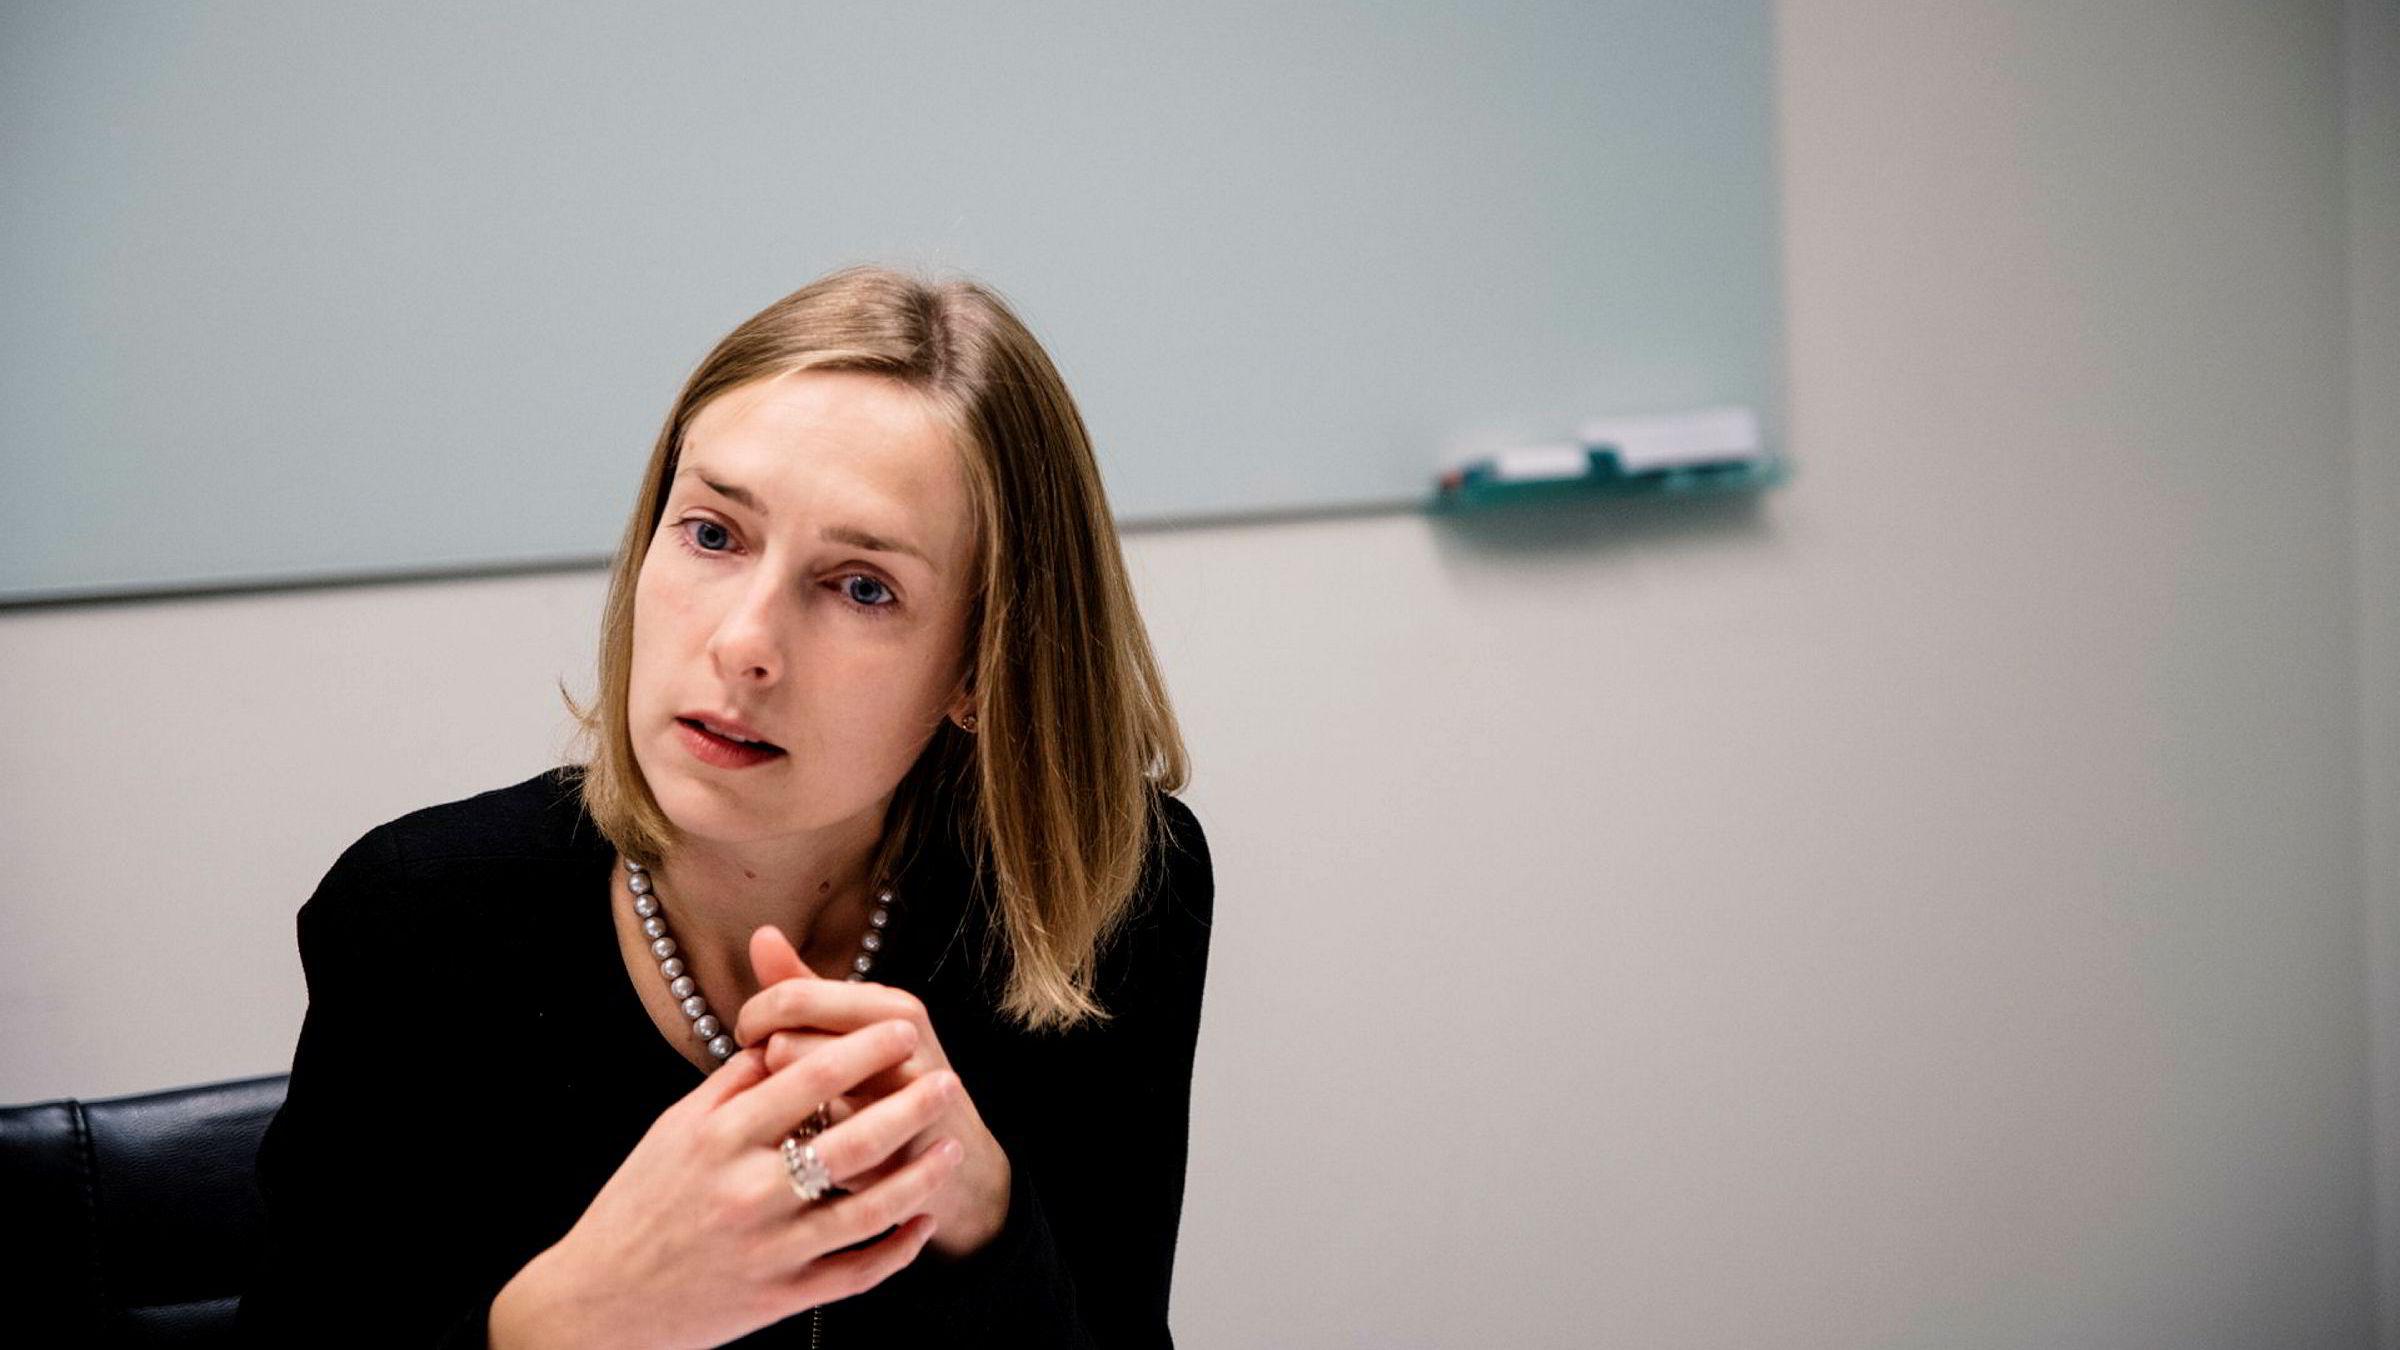 Forsknings- og høyere utdanningsminister Iselin Nybø gleder seg over lav ledighet for høyt utdannede.